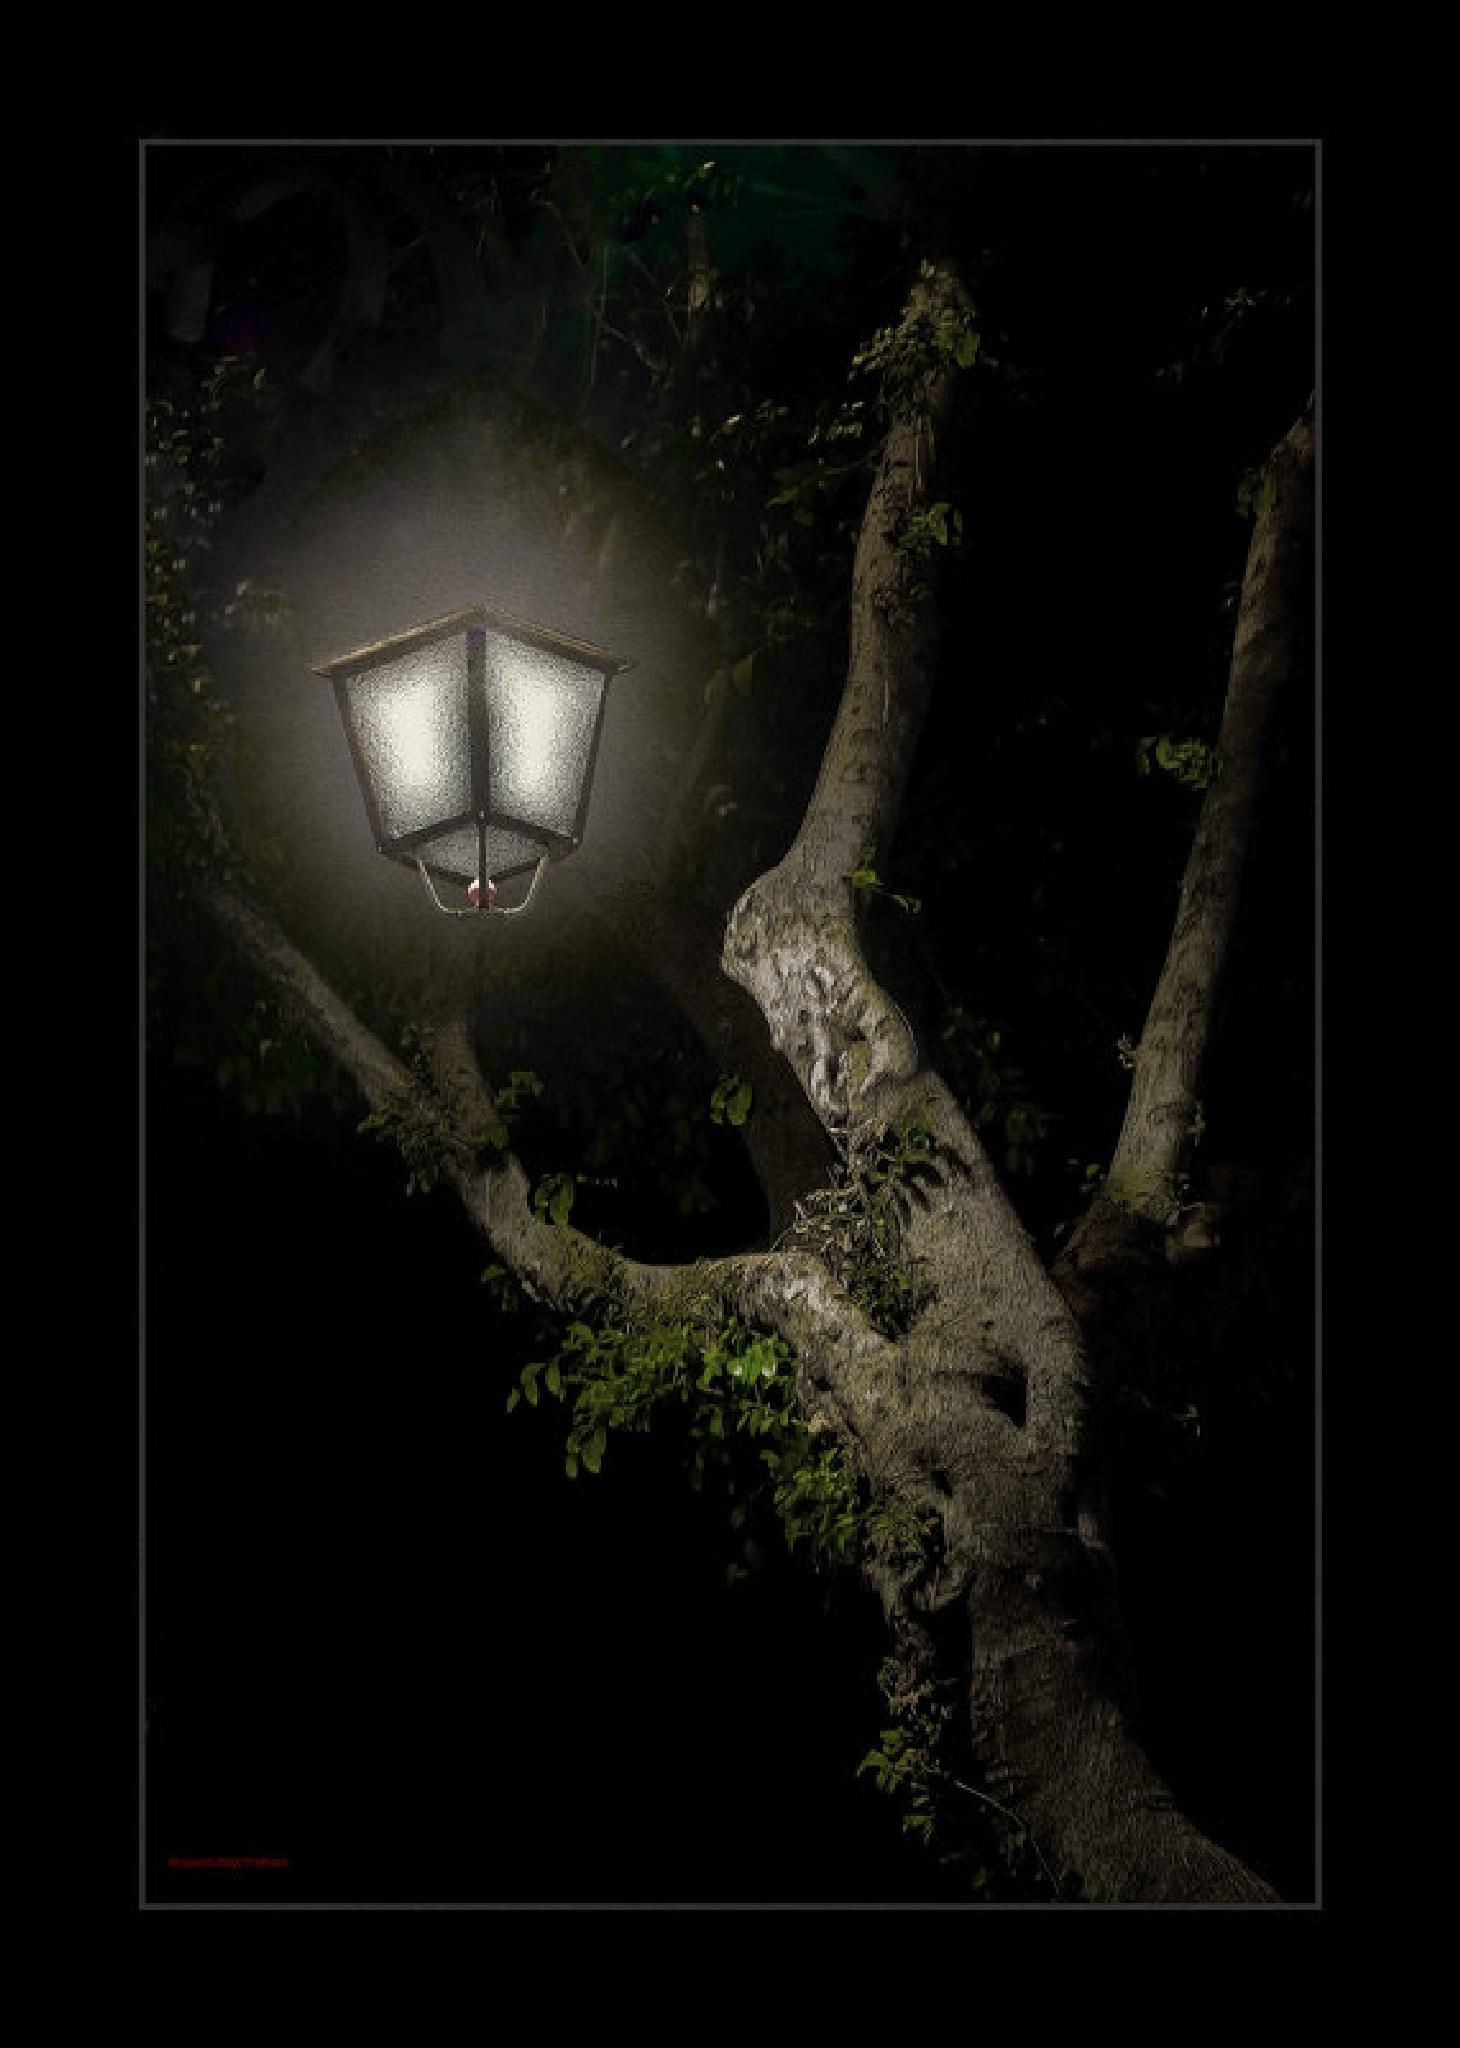 Lamp by SHMUAL HAVA RETRO